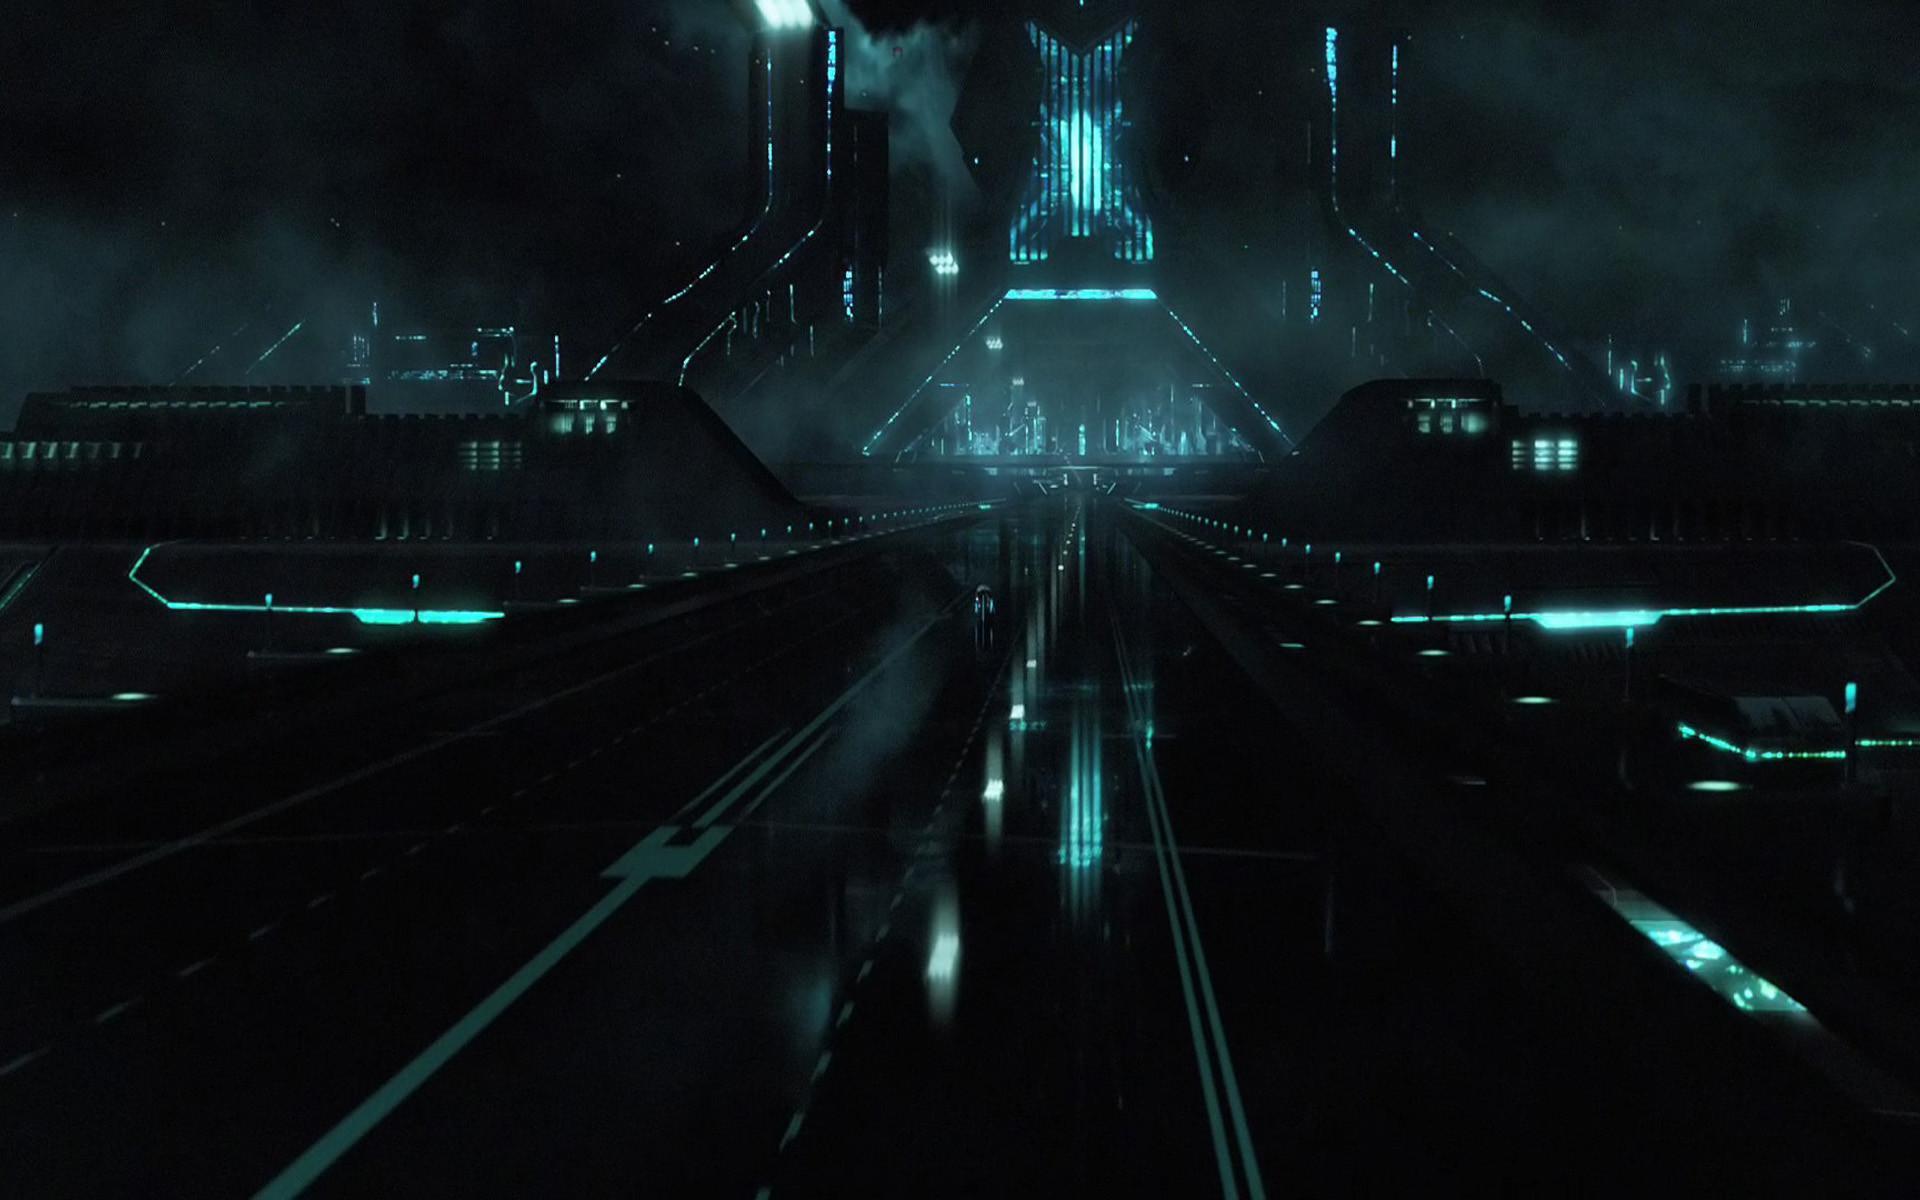 Tron Legacy HD Wallpapers | PixelsTalk Net